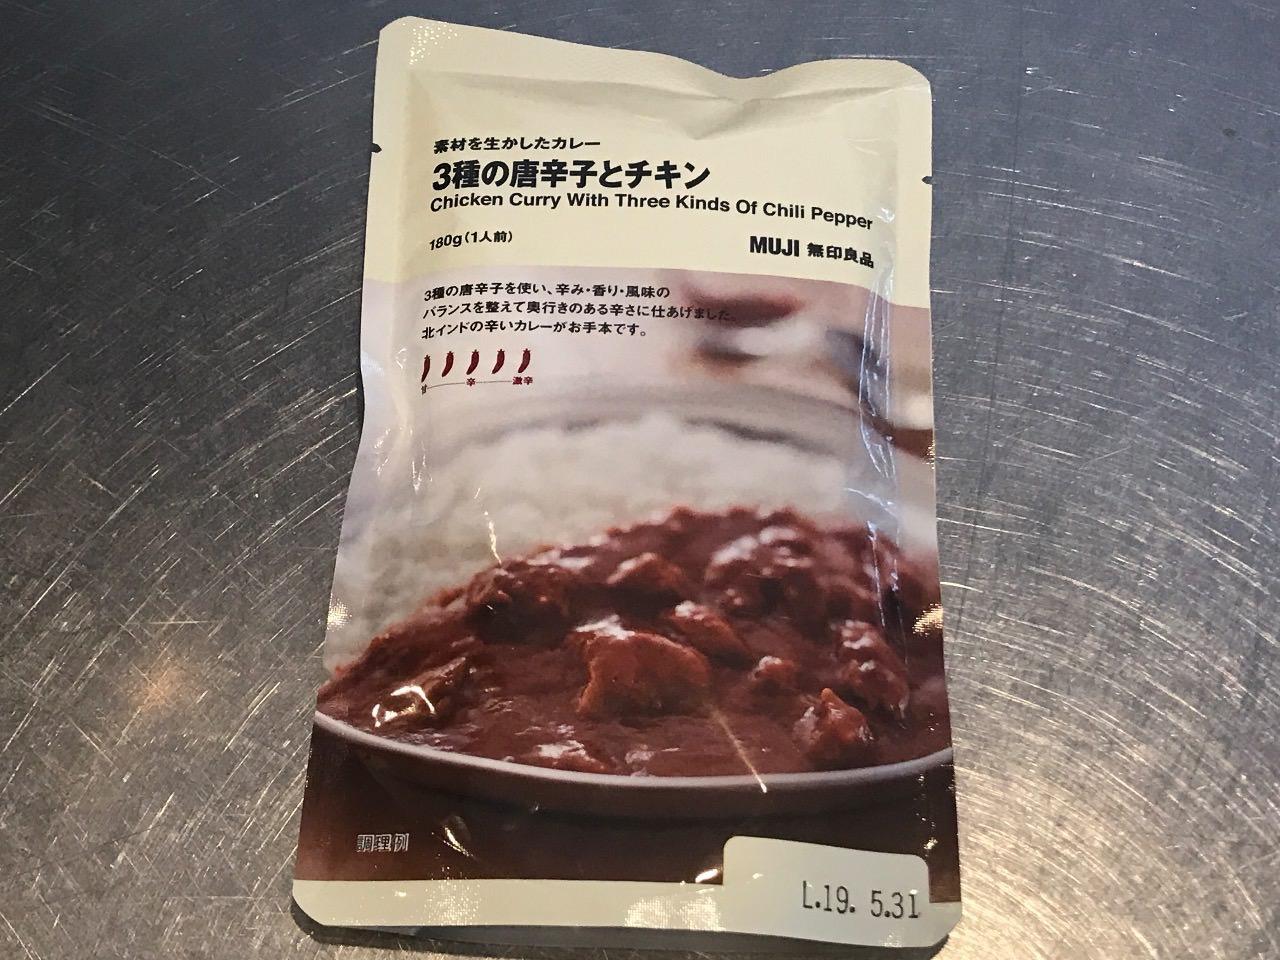 無印良品 3種の唐辛子とチキン 激辛カレー 04